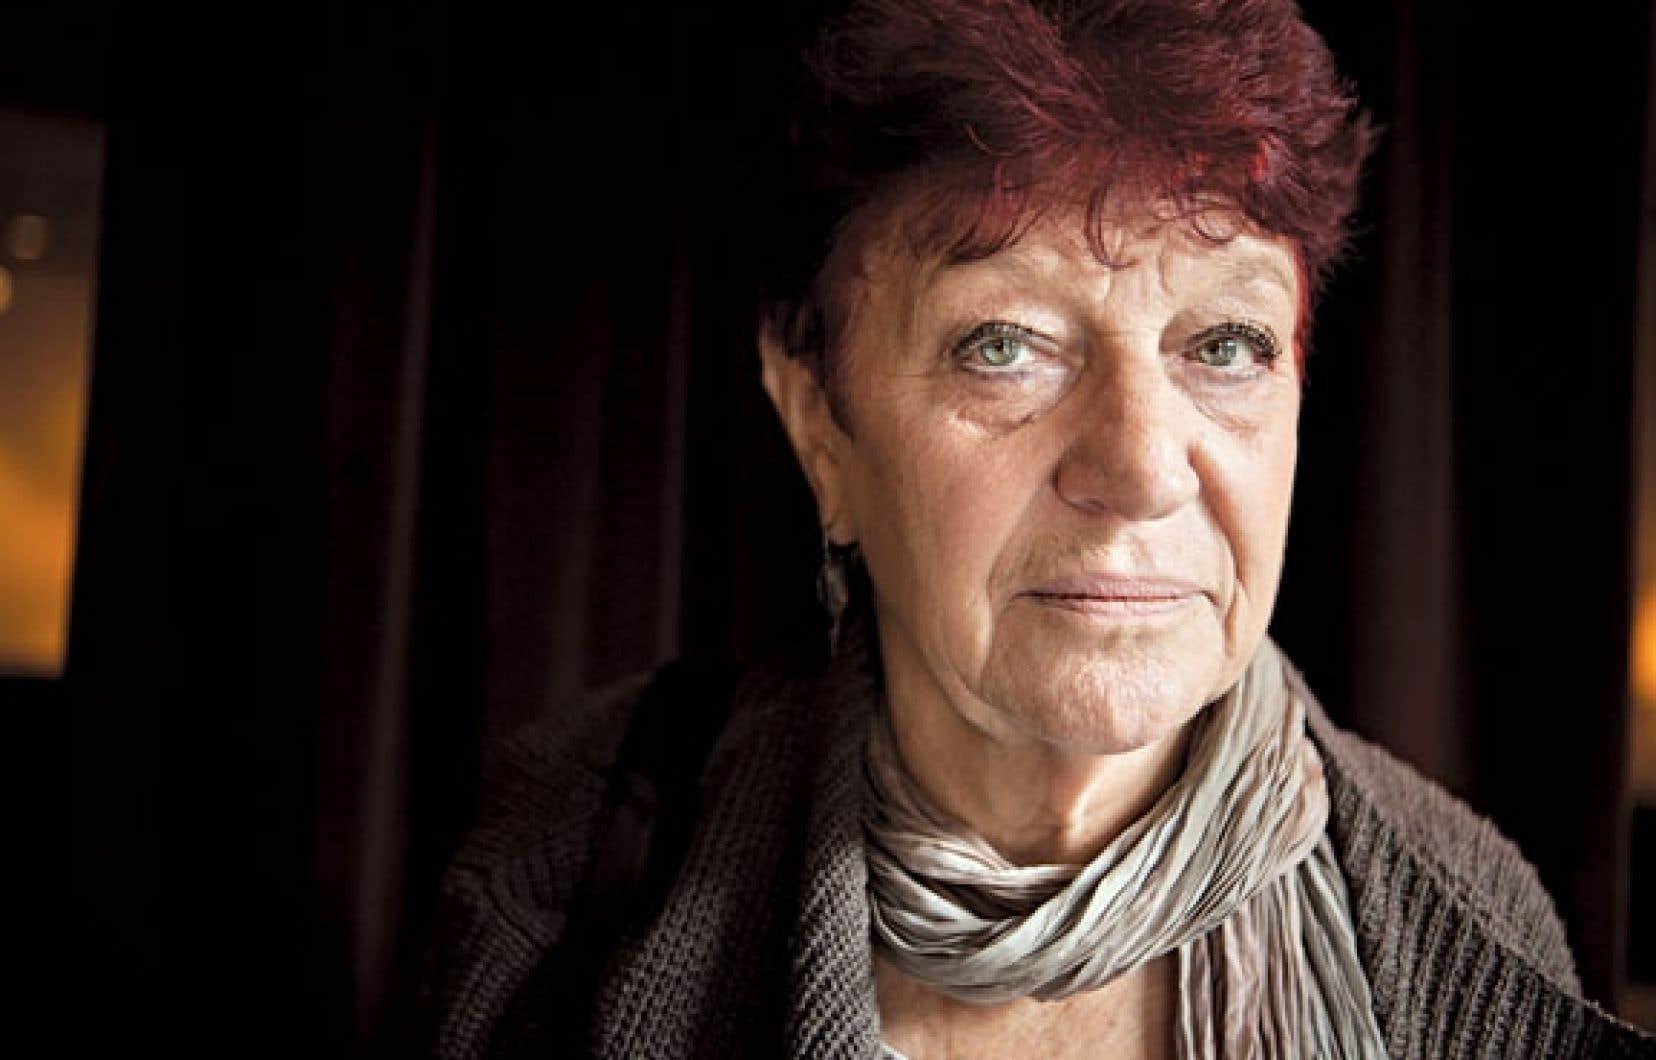 « Le passé, vous savez, qu'est-ce qu'on s'en fiche ! L'essentiel, dans une vie d'auteure, c'est l'écriture », estime Anne Sylvestre.